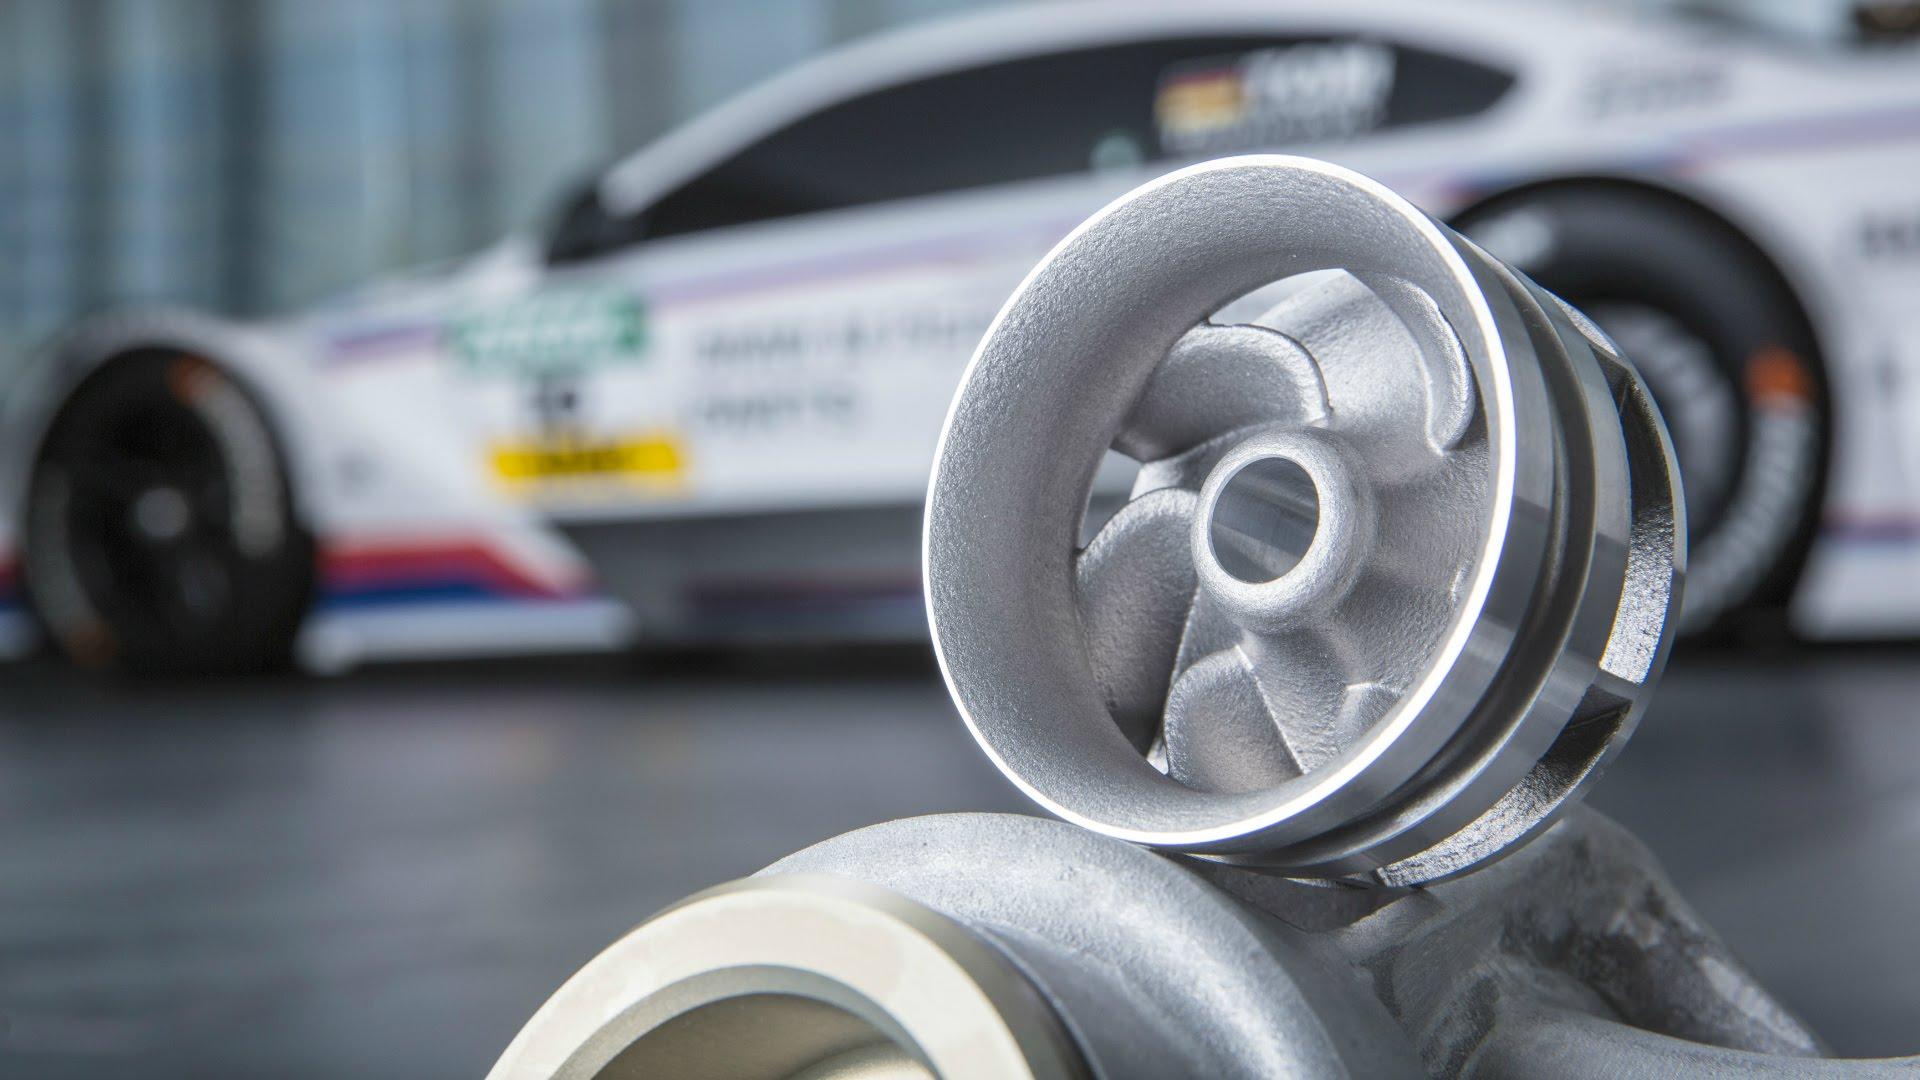 Крыльчатка для гоночного автомобиля BMW, созданная по аддитивной технологии